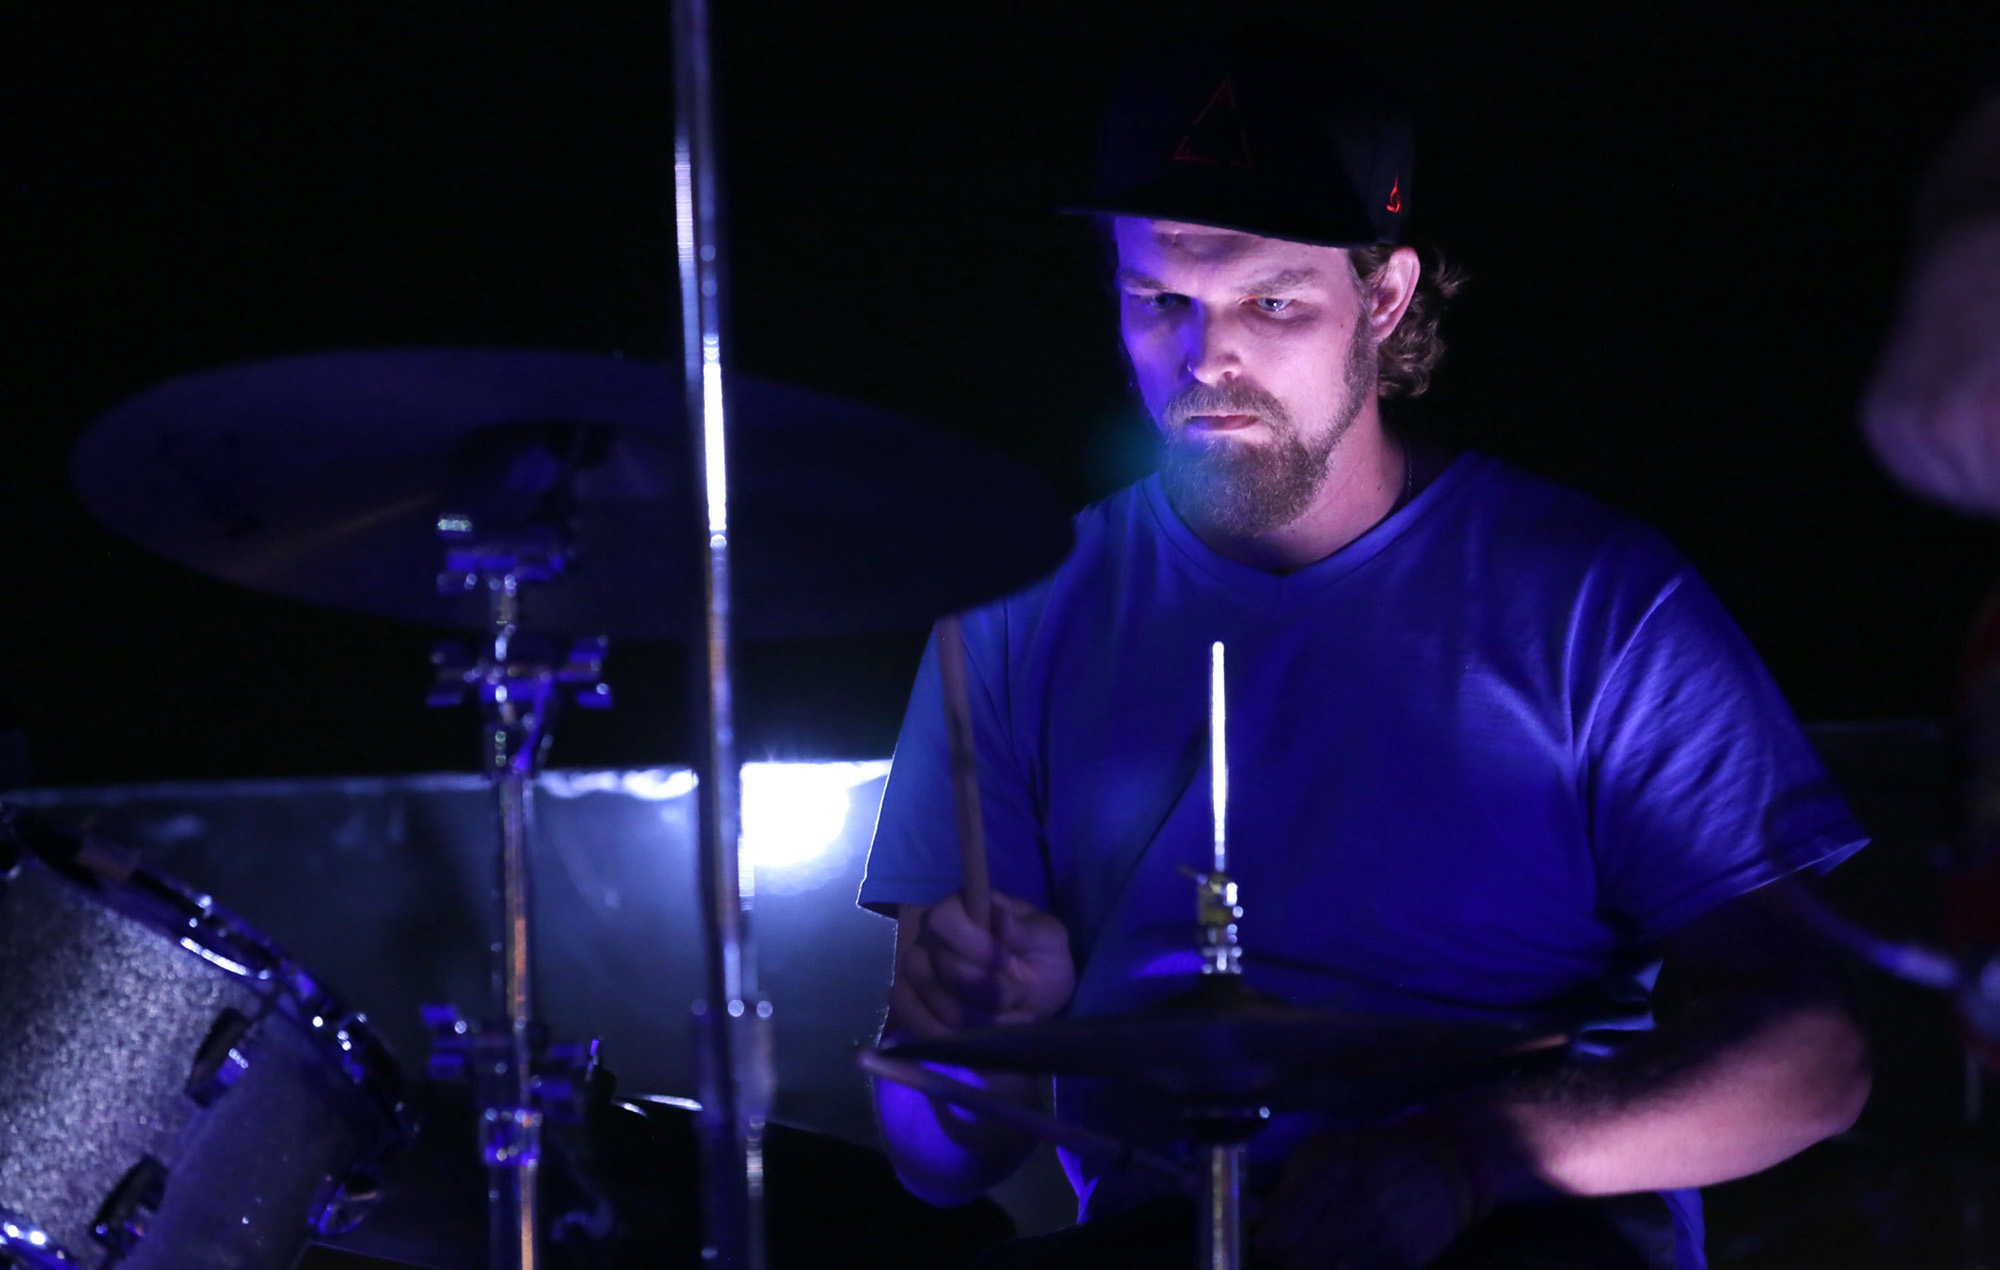 Steven Johnson